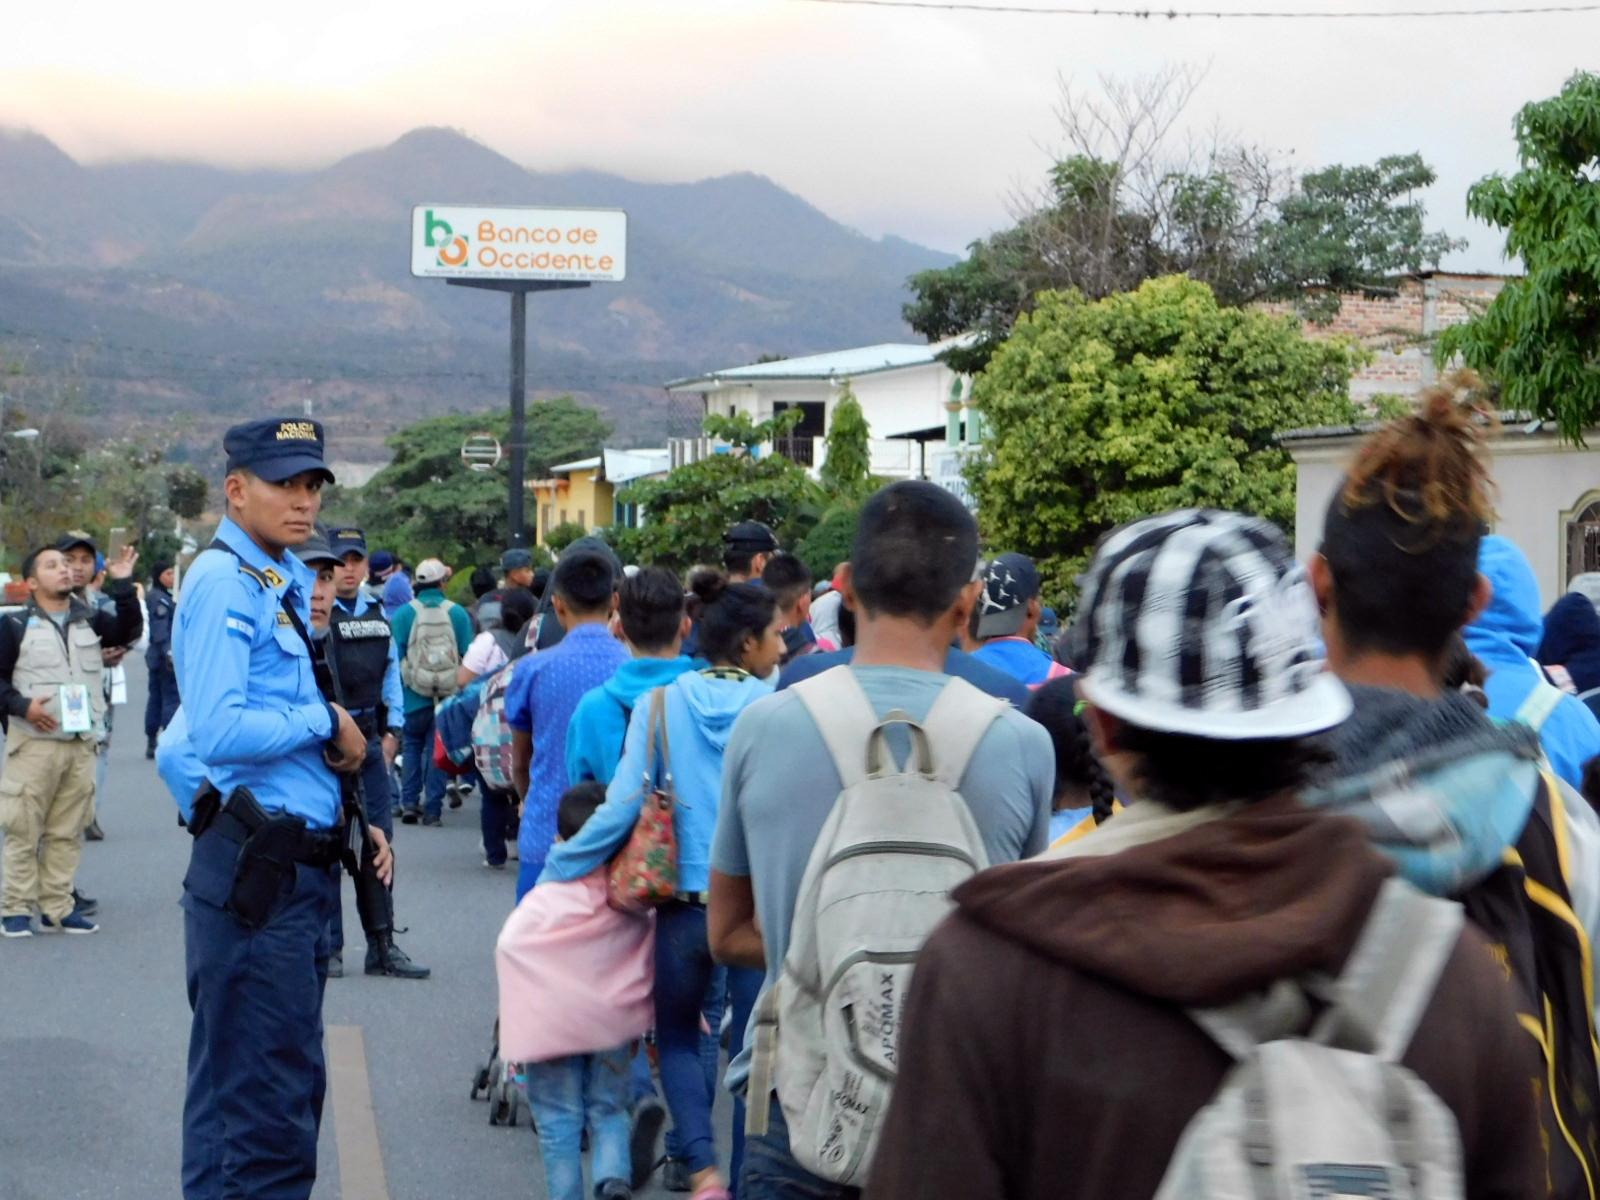 El asedio por parte de la Policía de Honduras y otros países es constante y abrumador. En muchas ocasiones bajan a las personas de los autobuses y fotografían sus identificaciones.